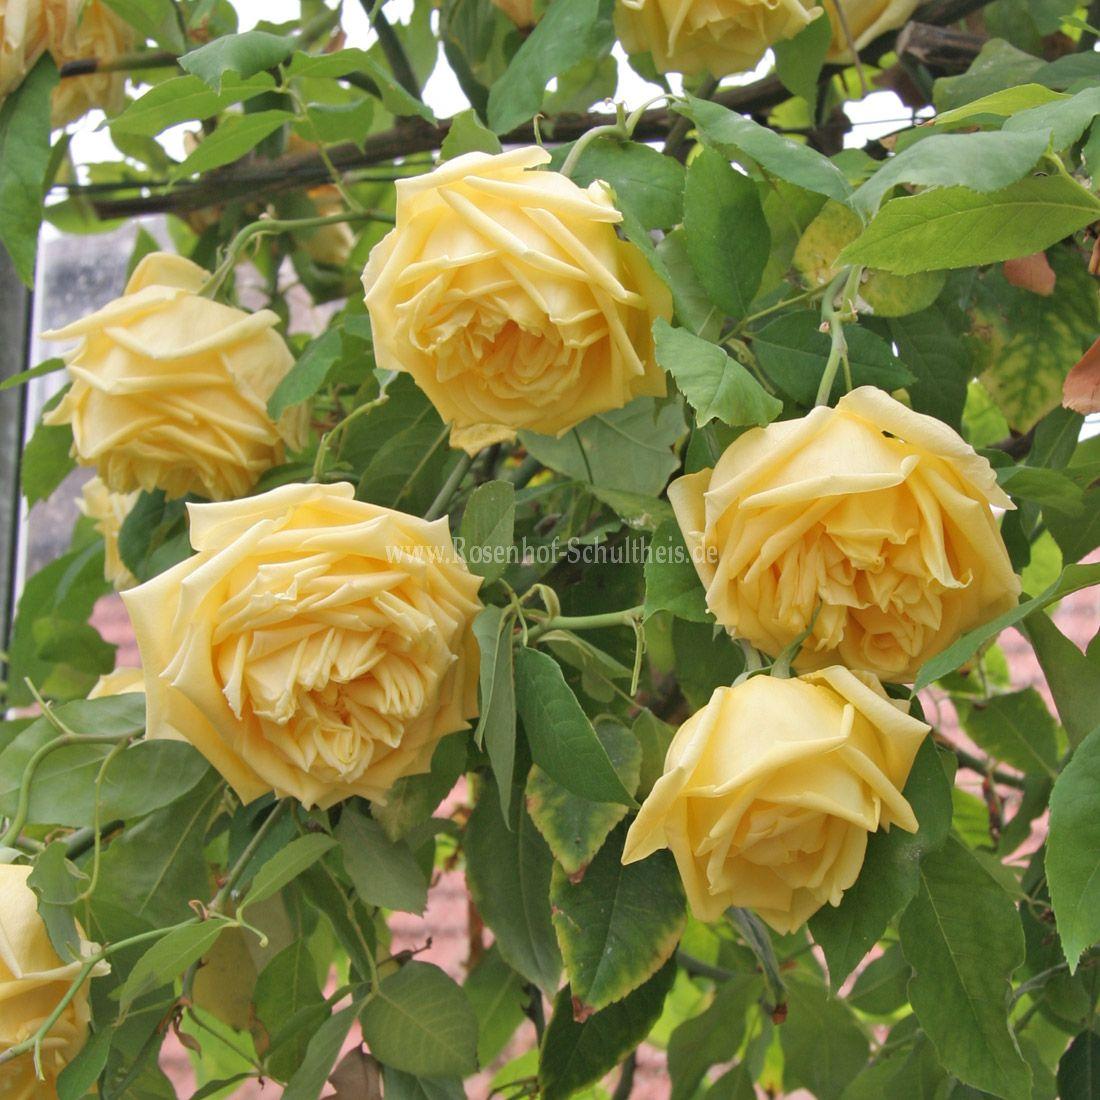 mar chal niel rosen online kaufen im rosenhof schultheis rosen online kaufen im rosenhof. Black Bedroom Furniture Sets. Home Design Ideas